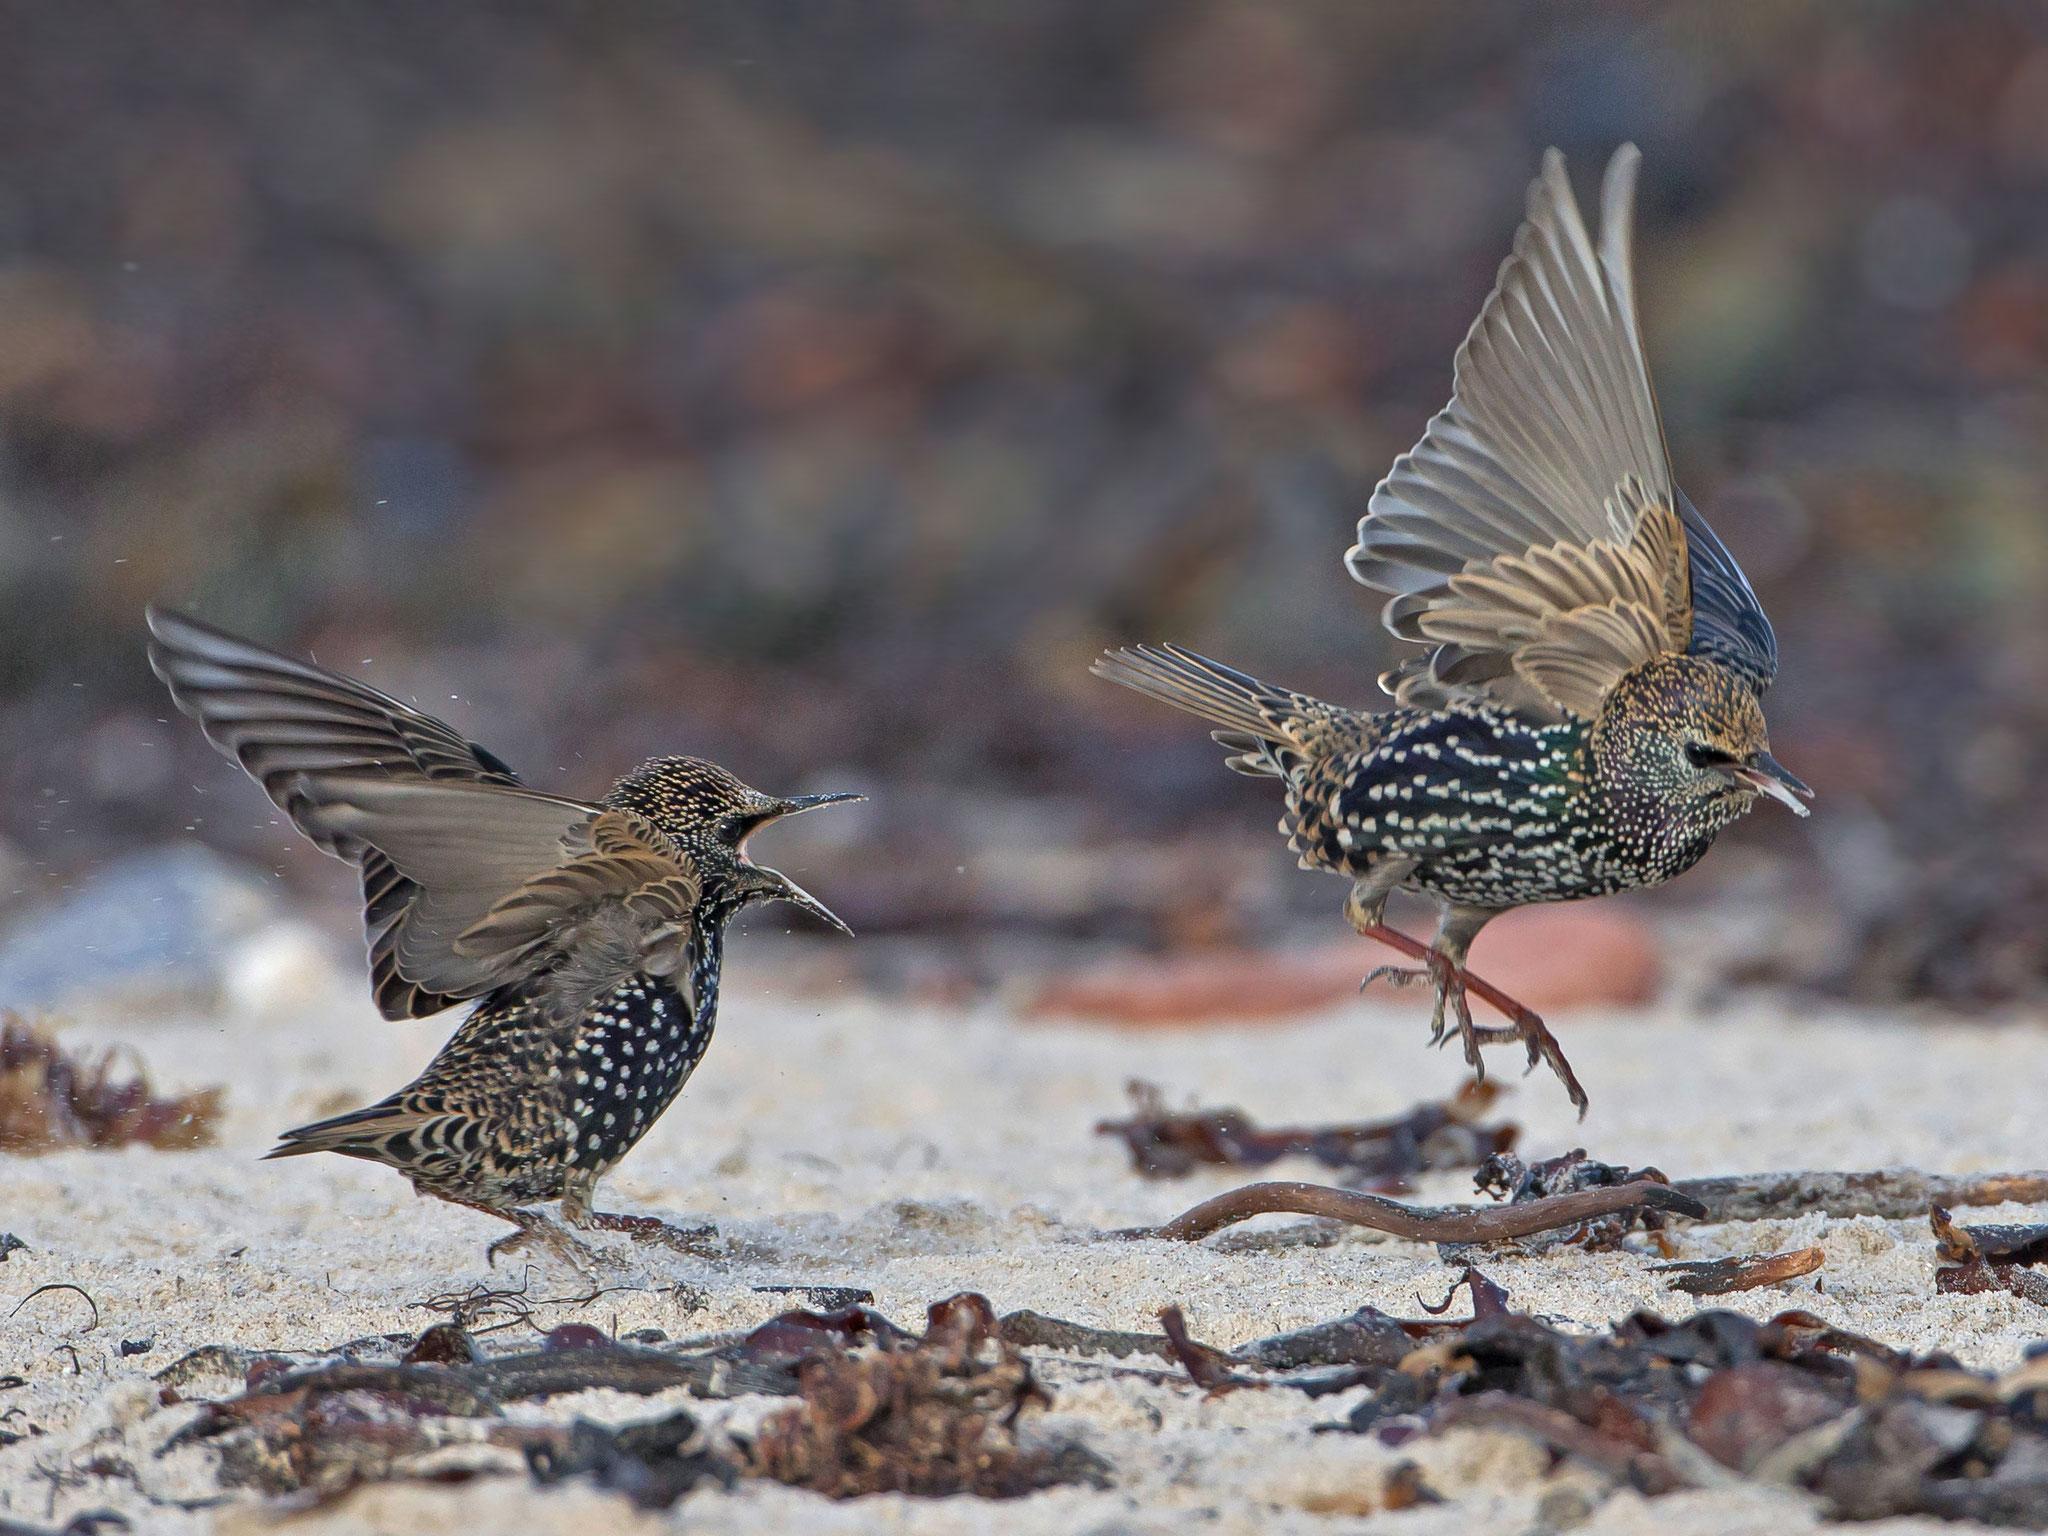 ... oder ihre kleinen Streitigkeiten am Strand austragen